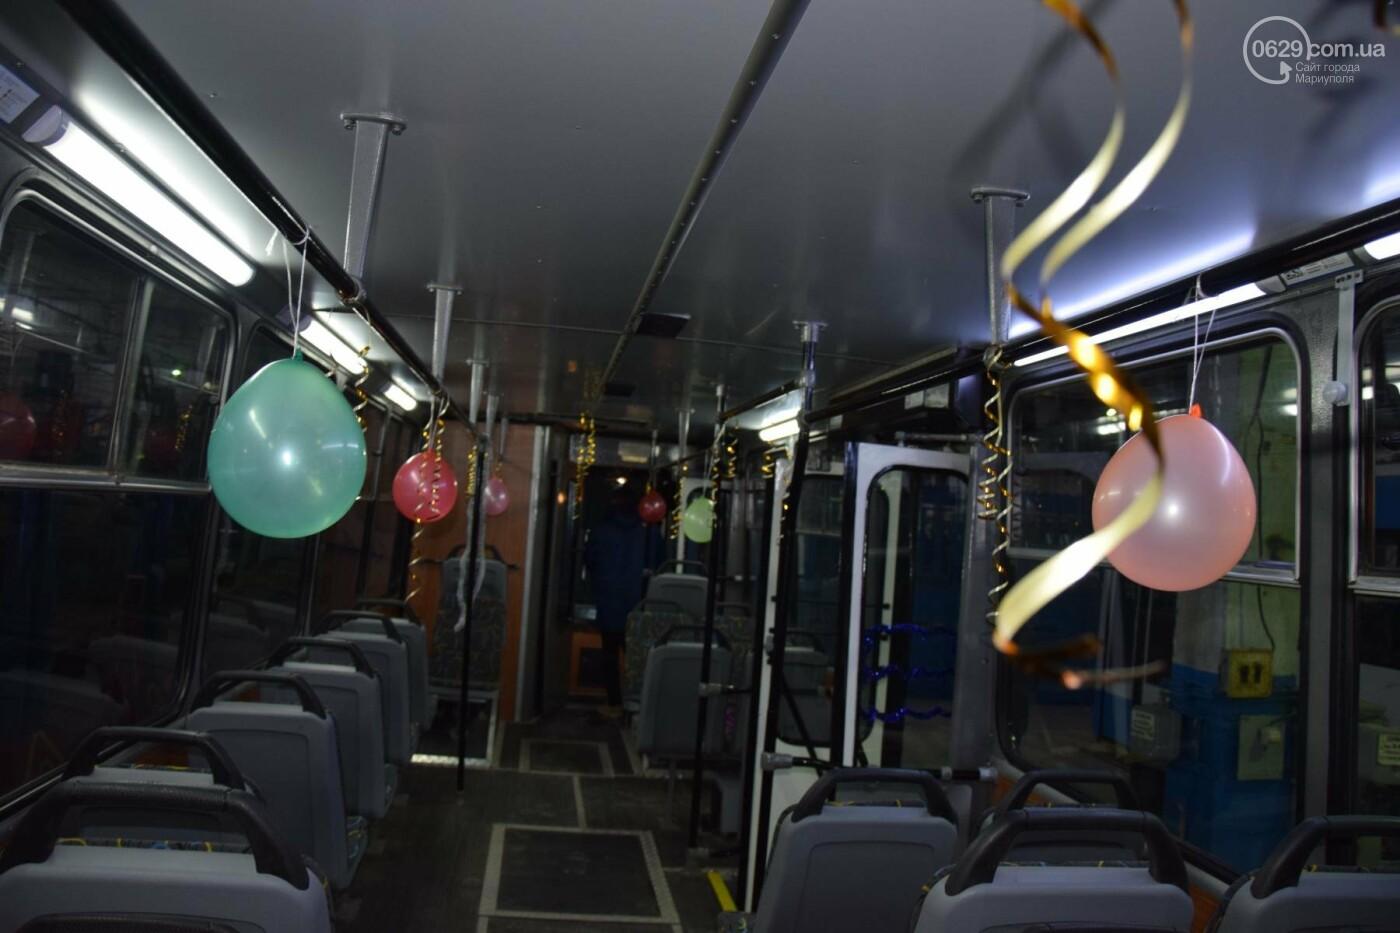 """В """"малярне будущего"""" реанимировали старый мариупольский троллейбус (ФОТО, ВИДЕО), фото-5"""